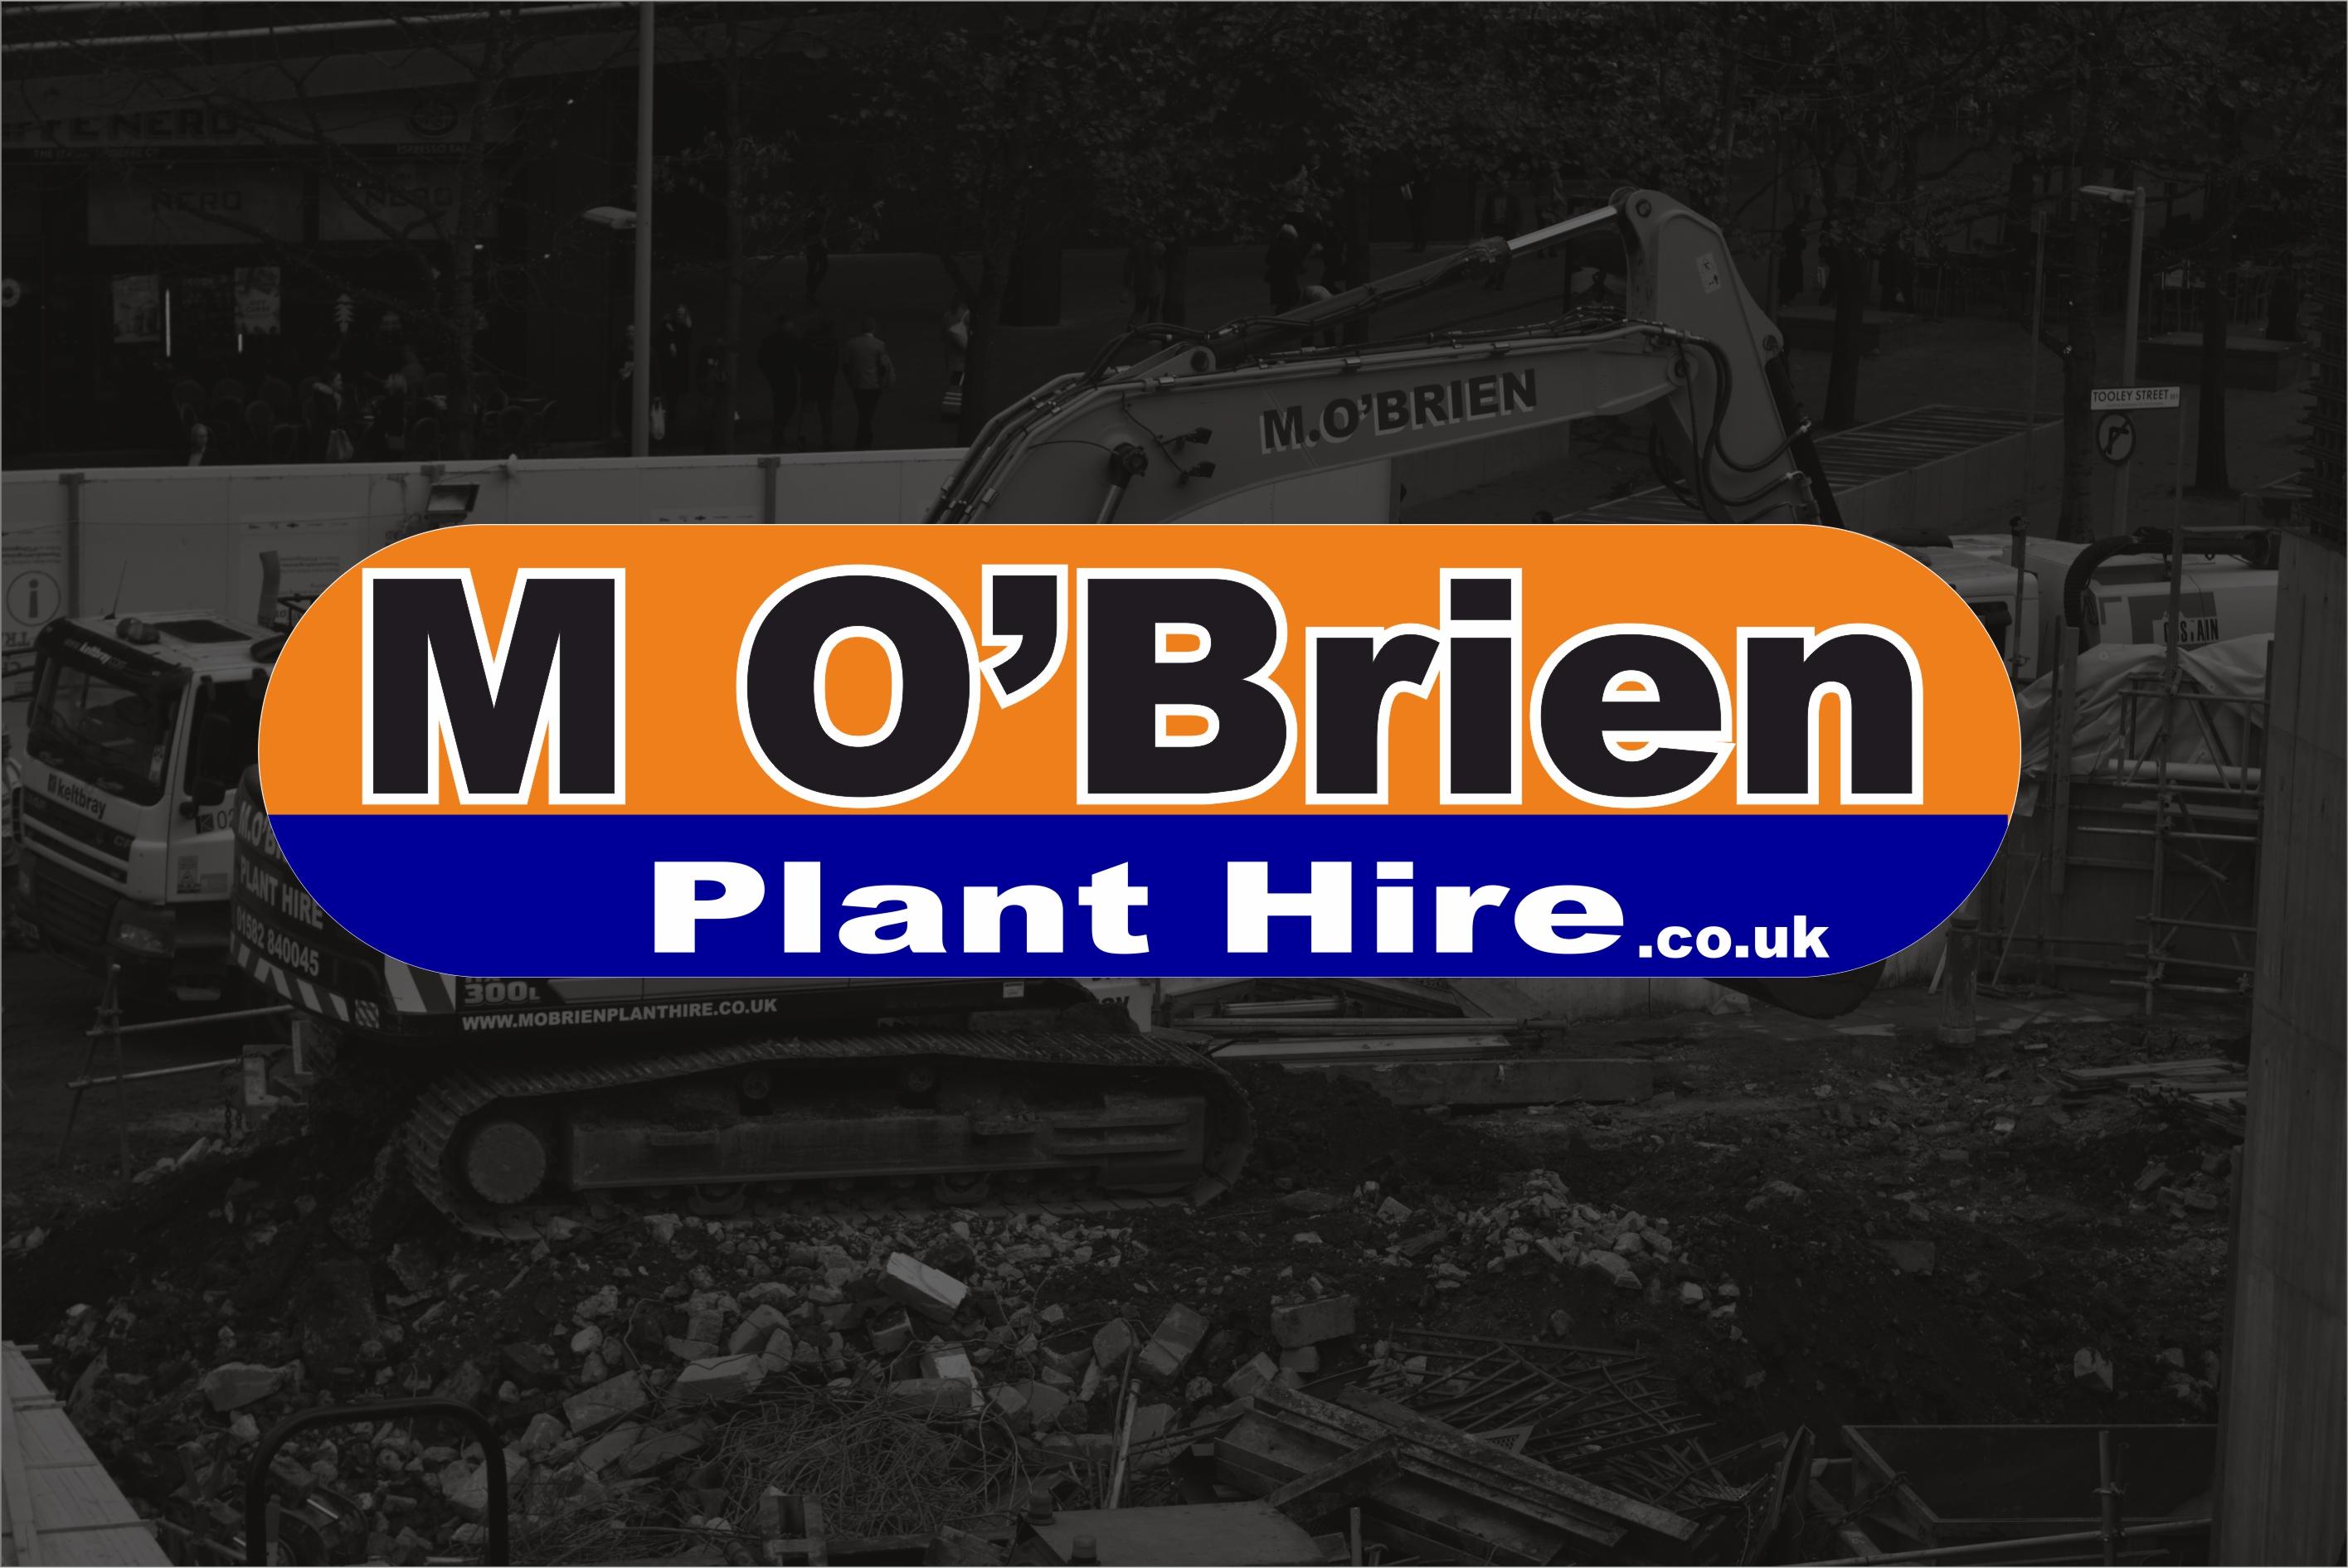 M O'Brien Plant Hire